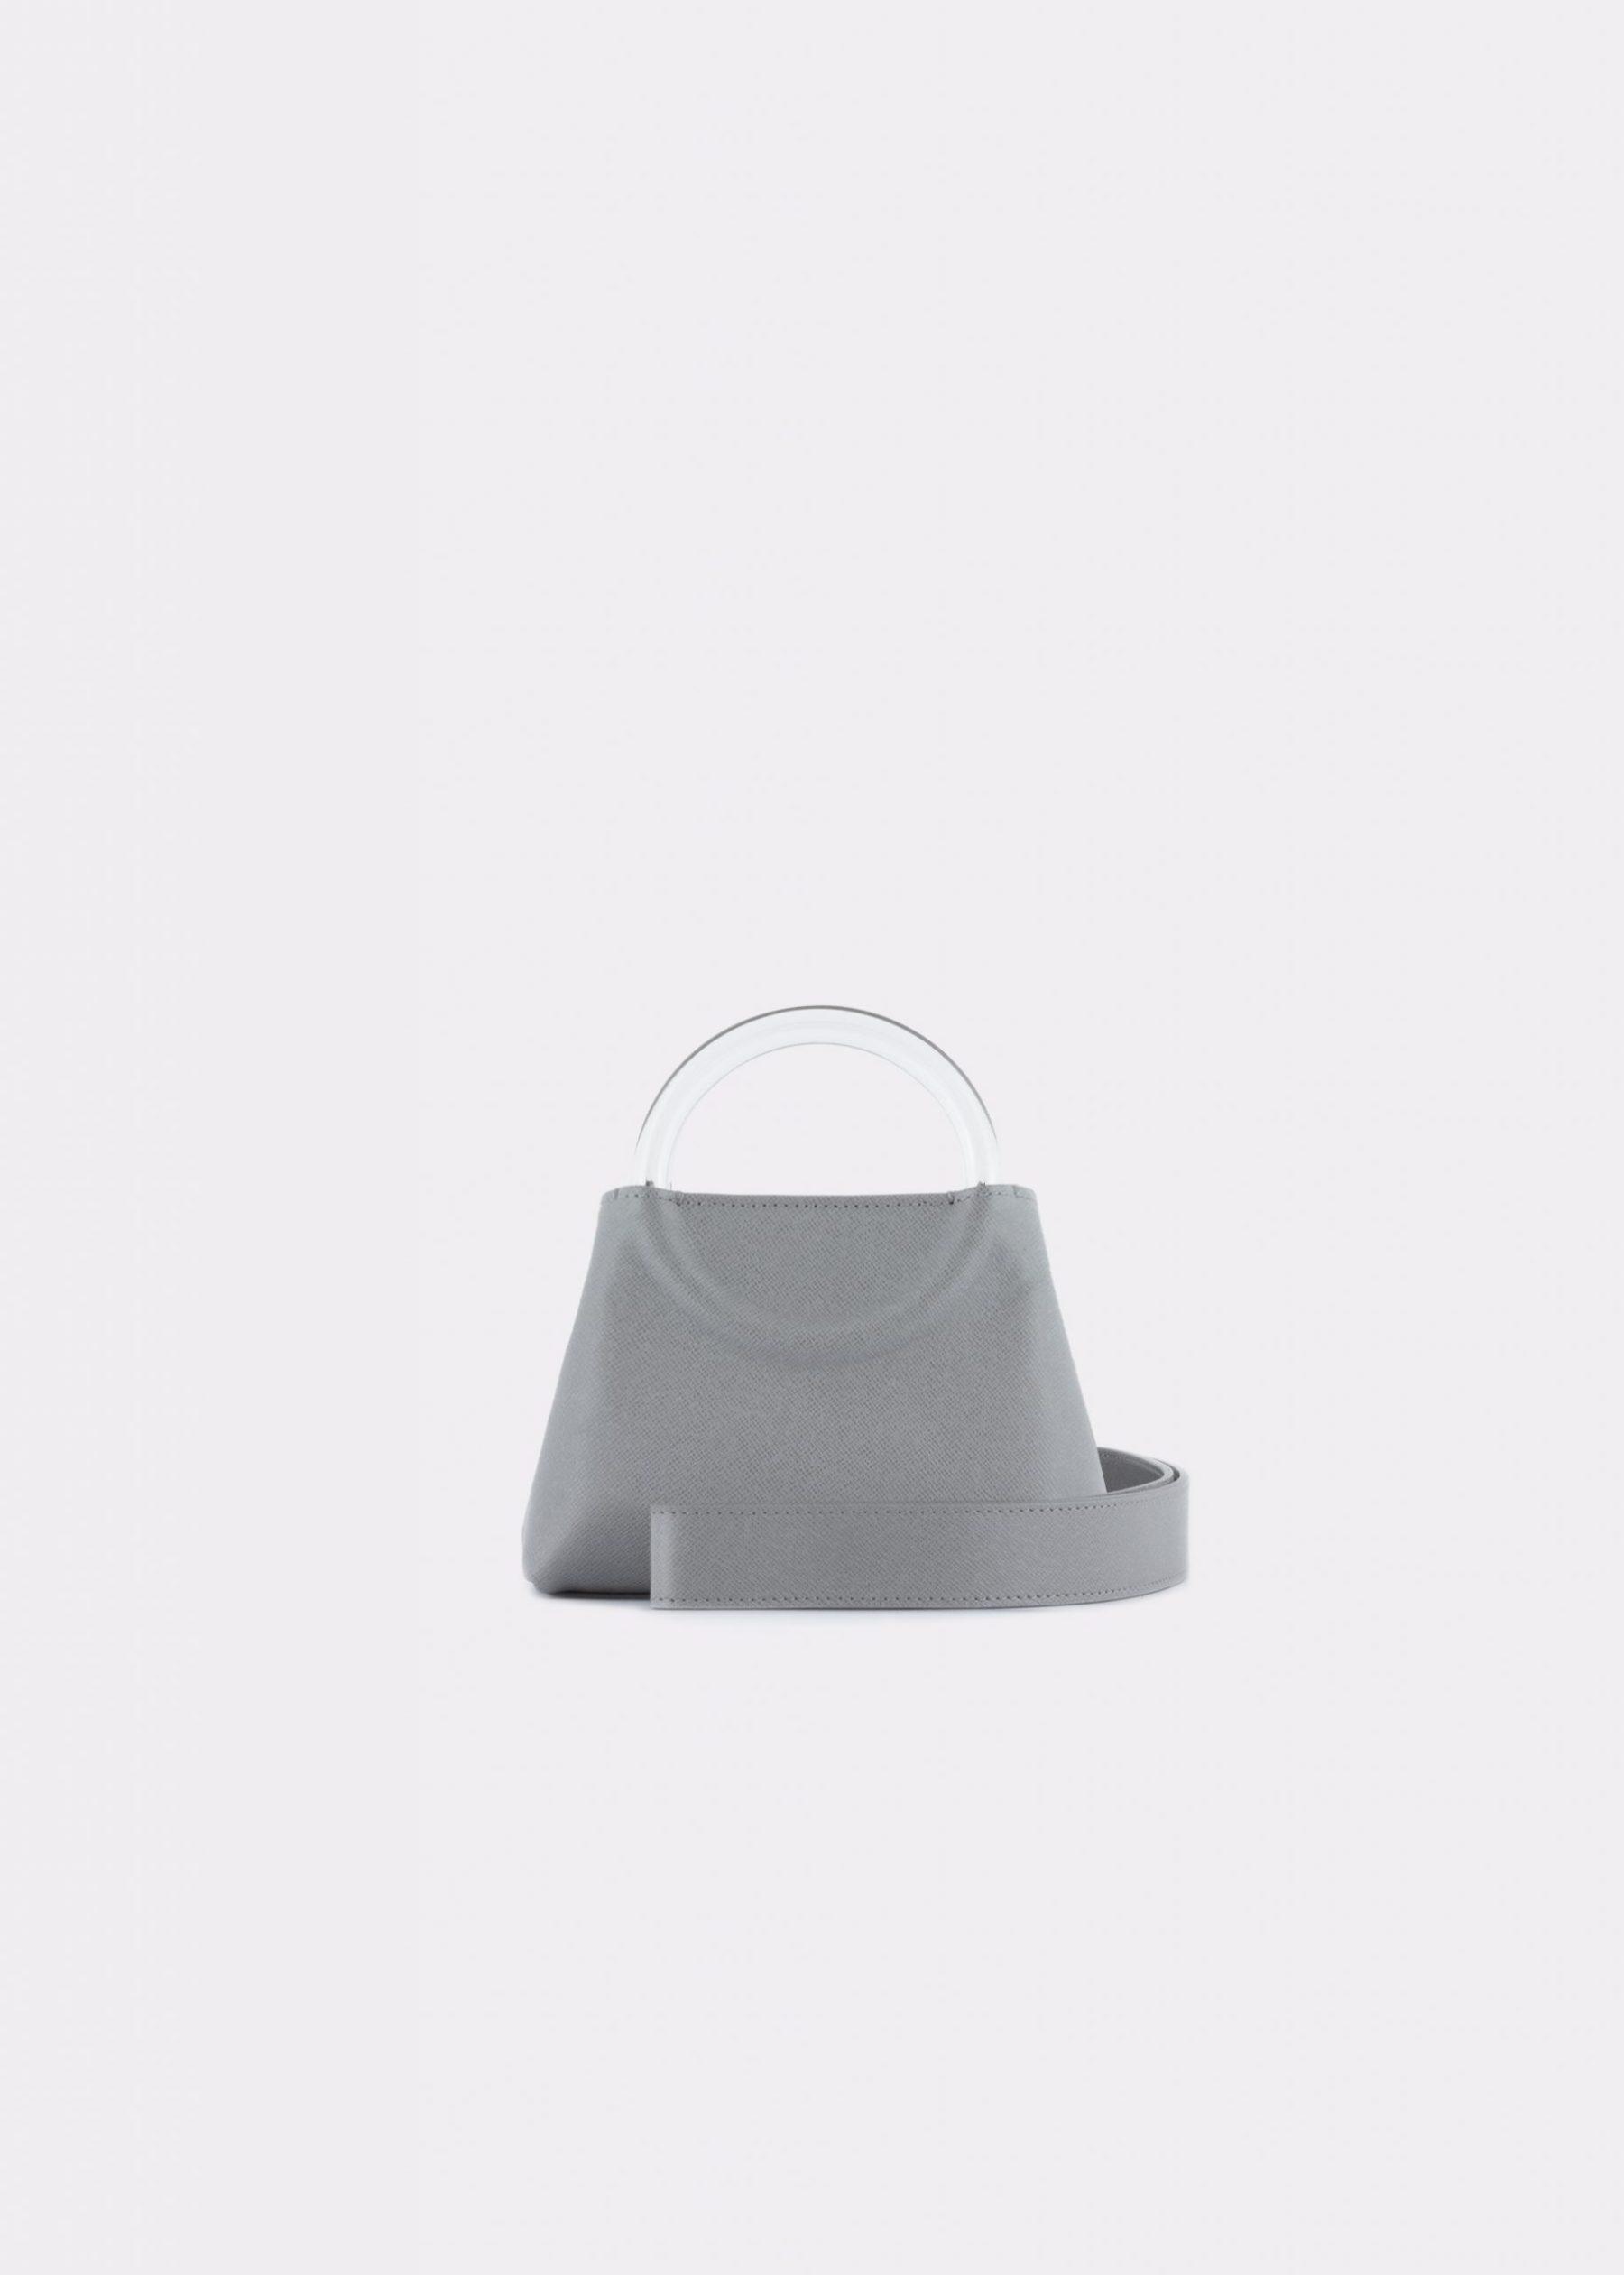 NIDO-Bolla_Micro-bag-Gray_shoulderstrap view